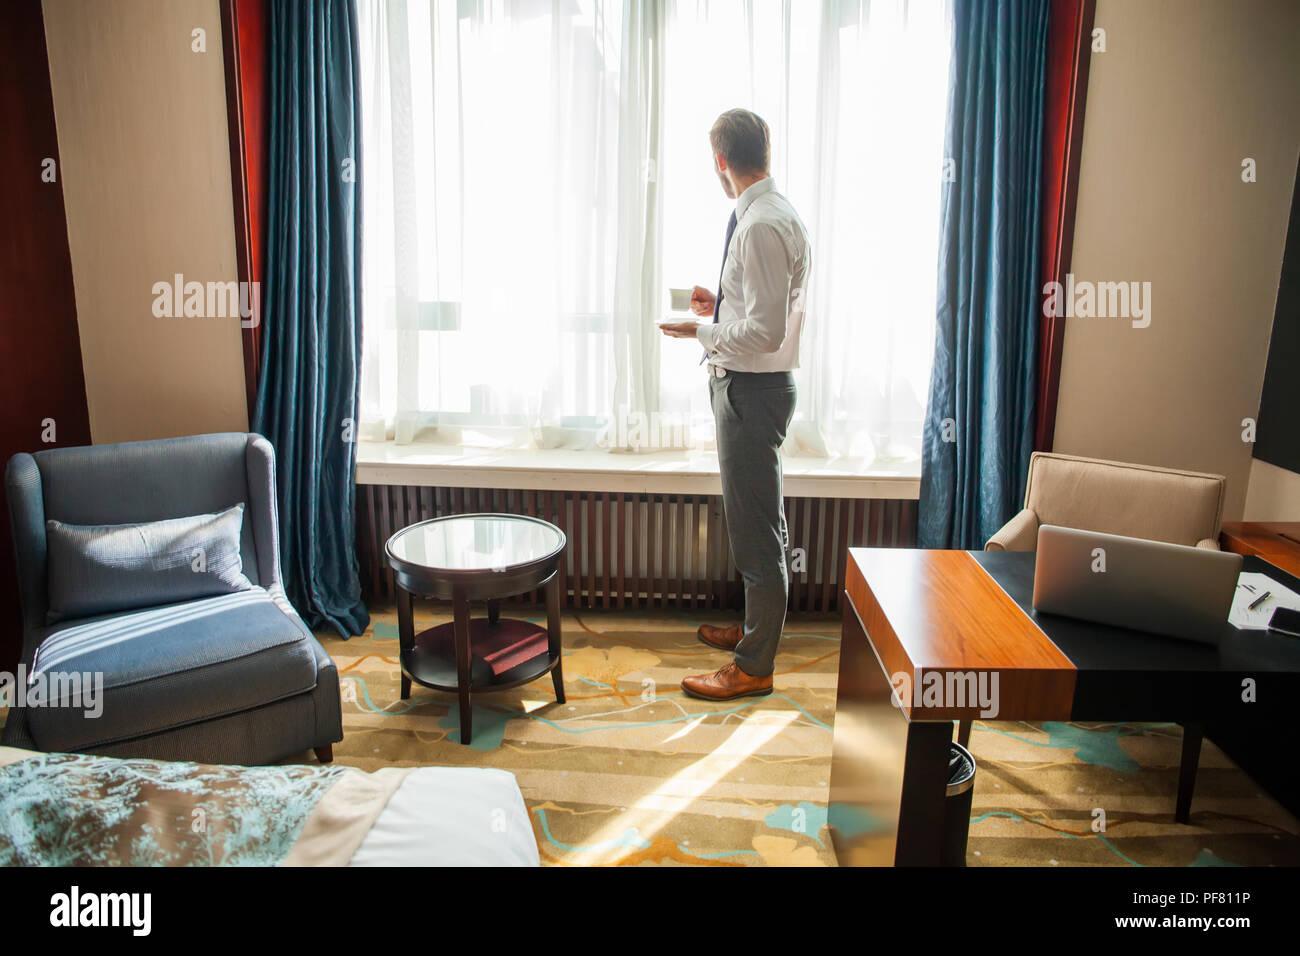 Geschäftsreise und Personen Konzept - Geschäftsmann trinken Kaffee im Hotel Zimmer. Stockbild